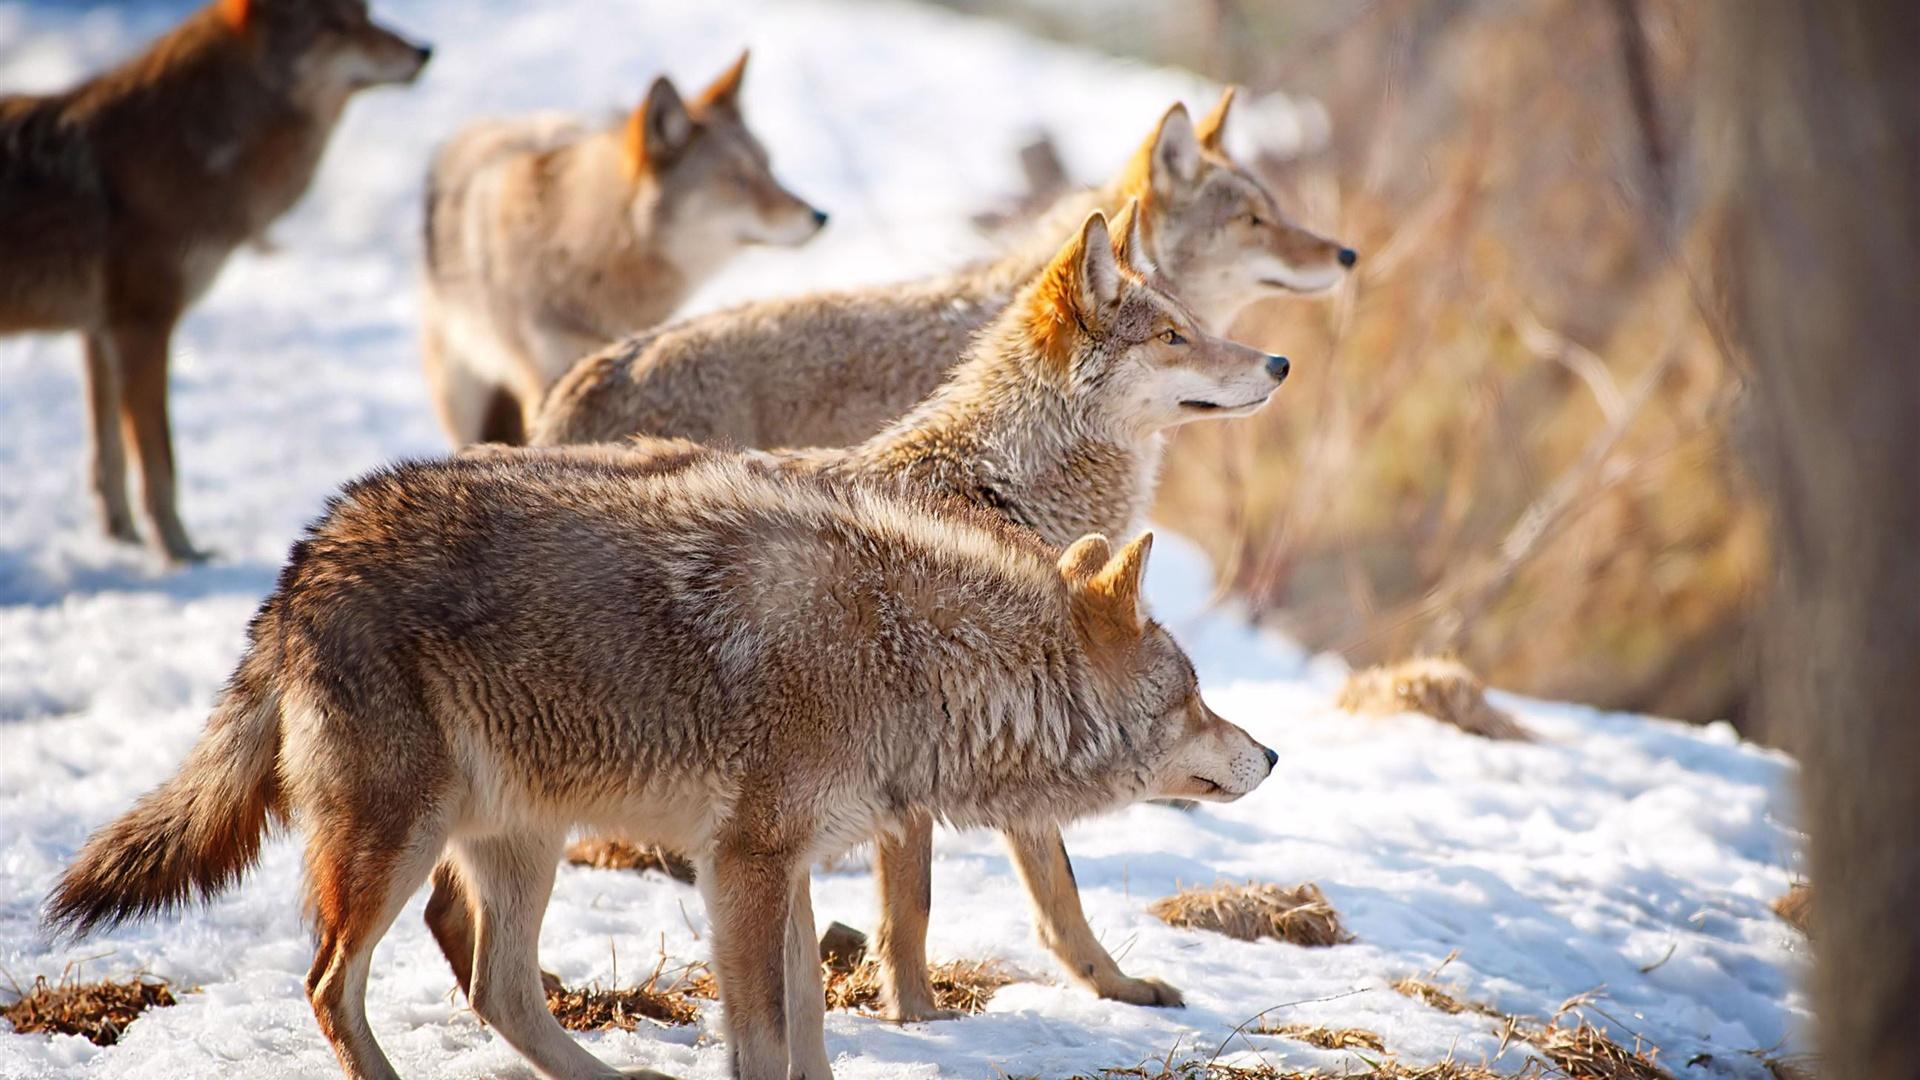 壁紙 雪の冬の飢餓の狼 2560x1600 Hd 無料のデスクトップの背景 画像